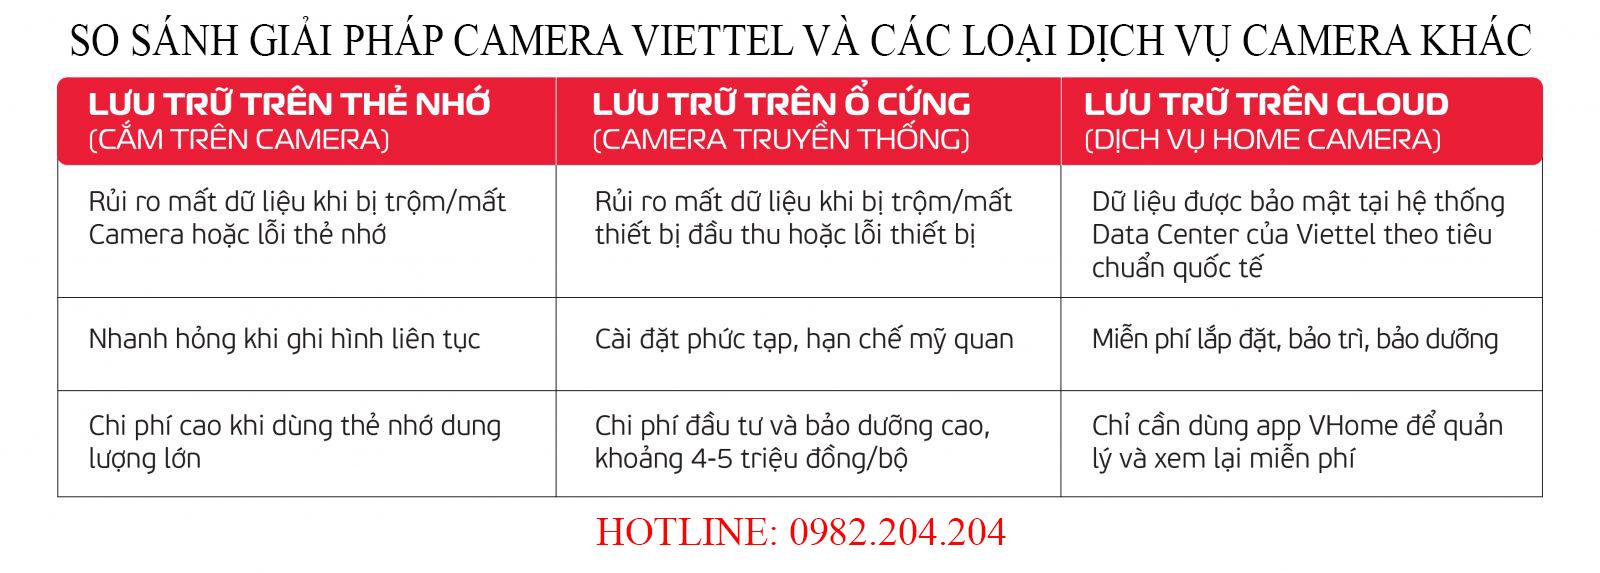 Bảng so sánh lưu trữ Camera Viettel giá rẻ chính hãng và các loại camera khác